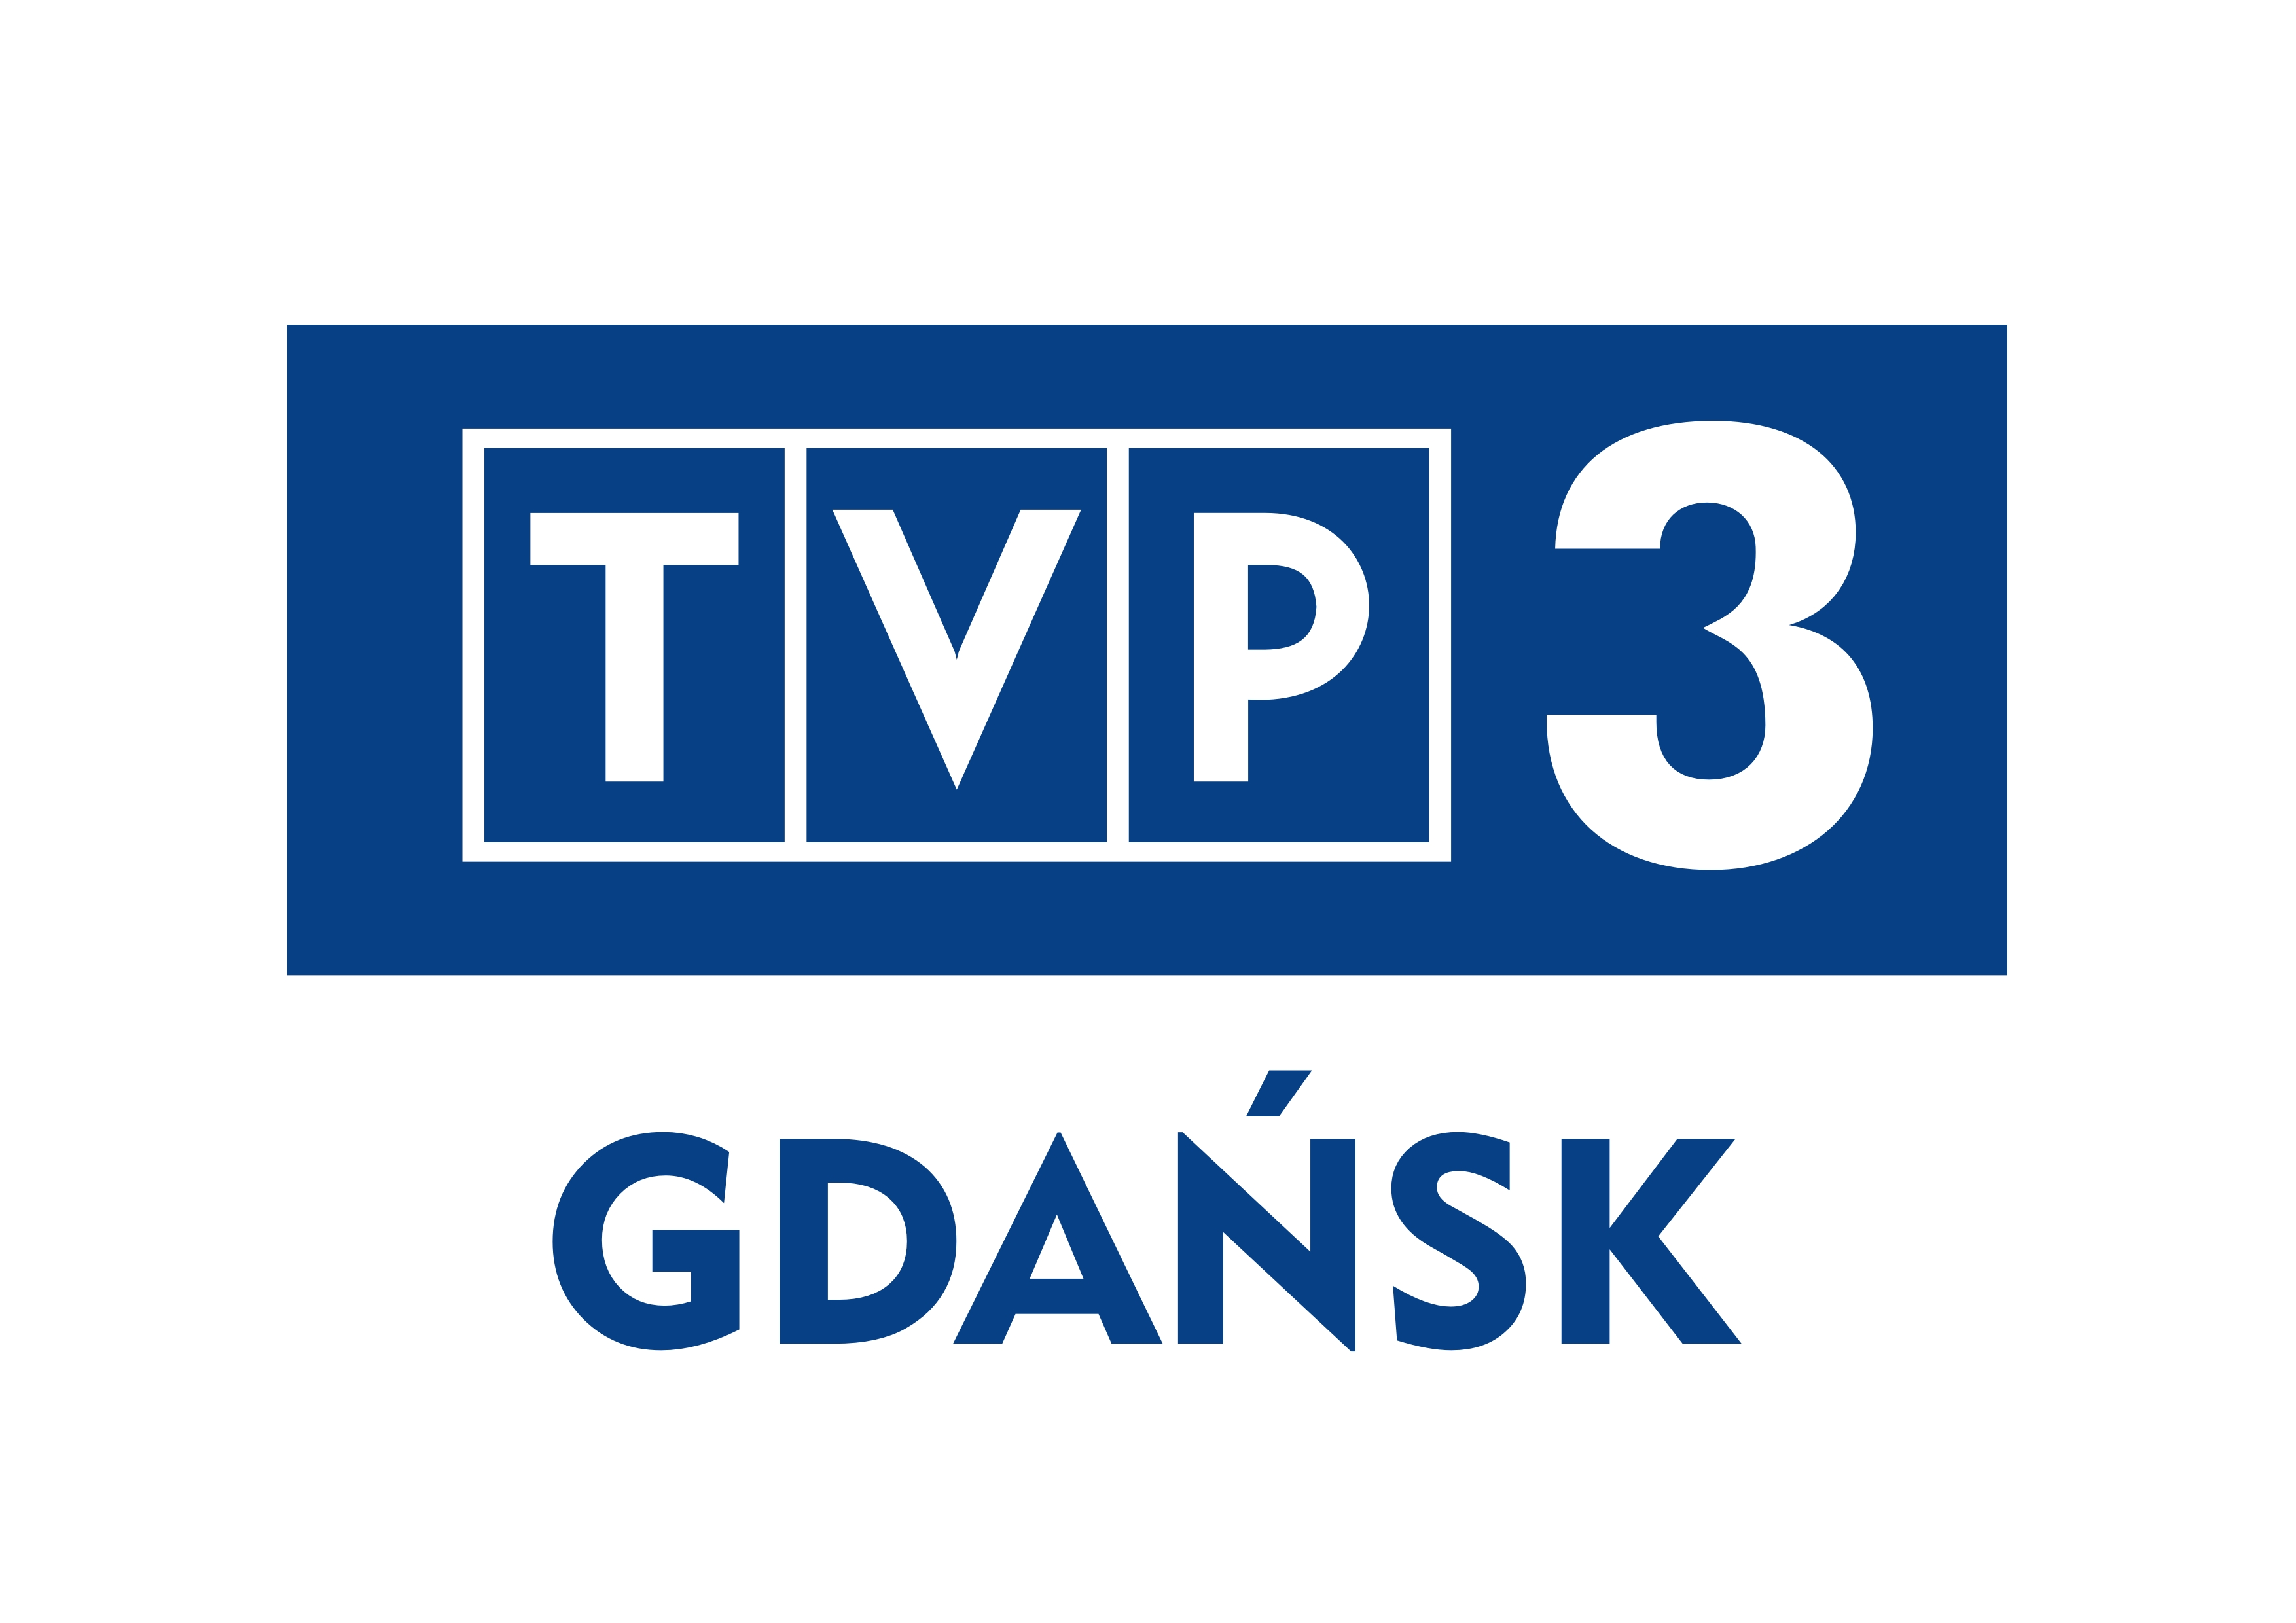 TVP3 2016